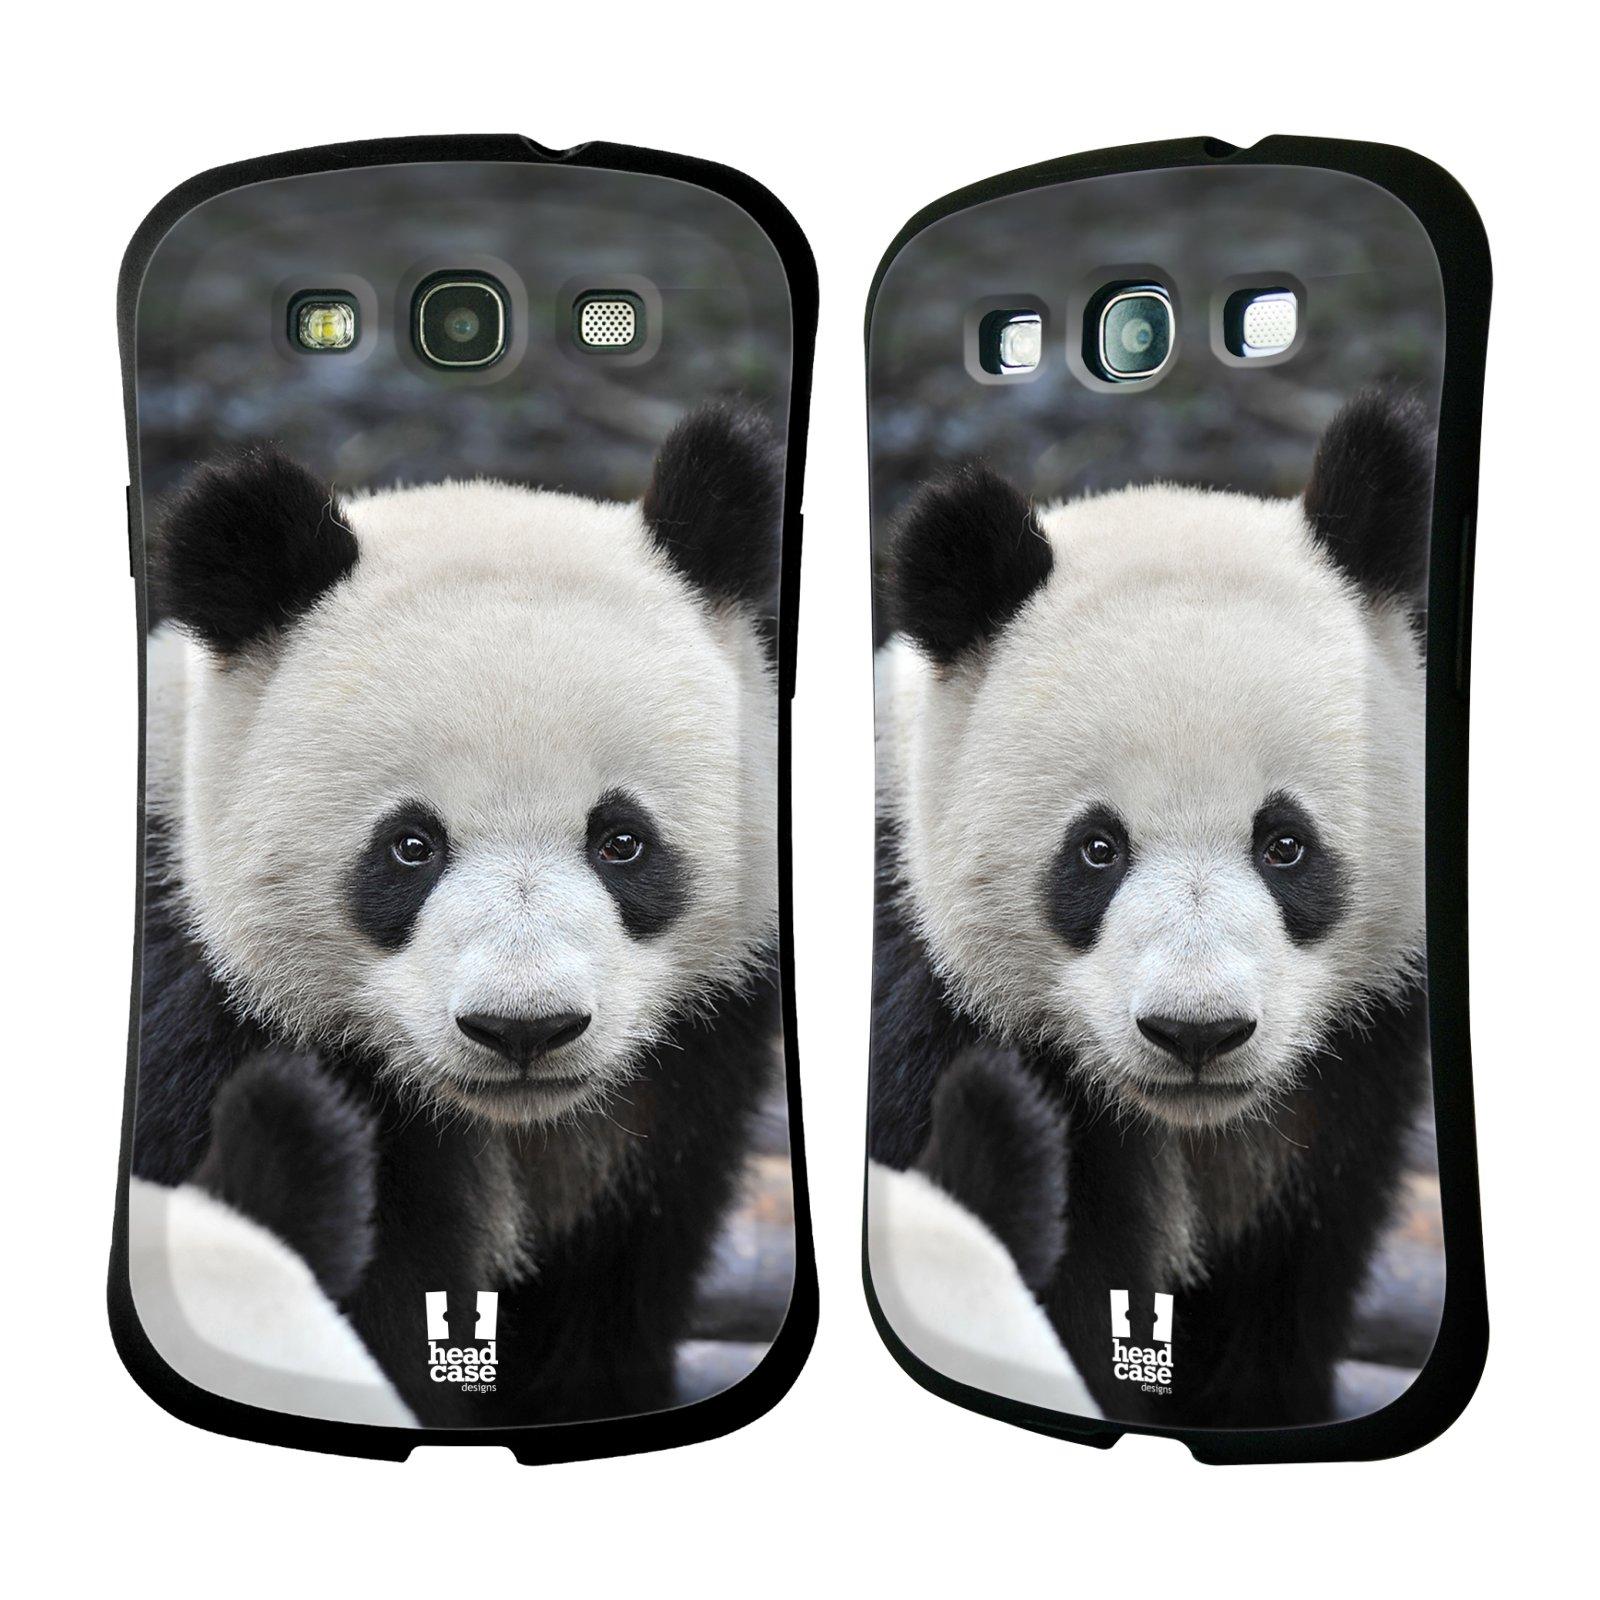 HEAD CASE silikon/plast odolný obal na mobil Samsung Galaxy S3 vzor Divočina, Divoký život a zvířata foto MEDVĚD PANDA